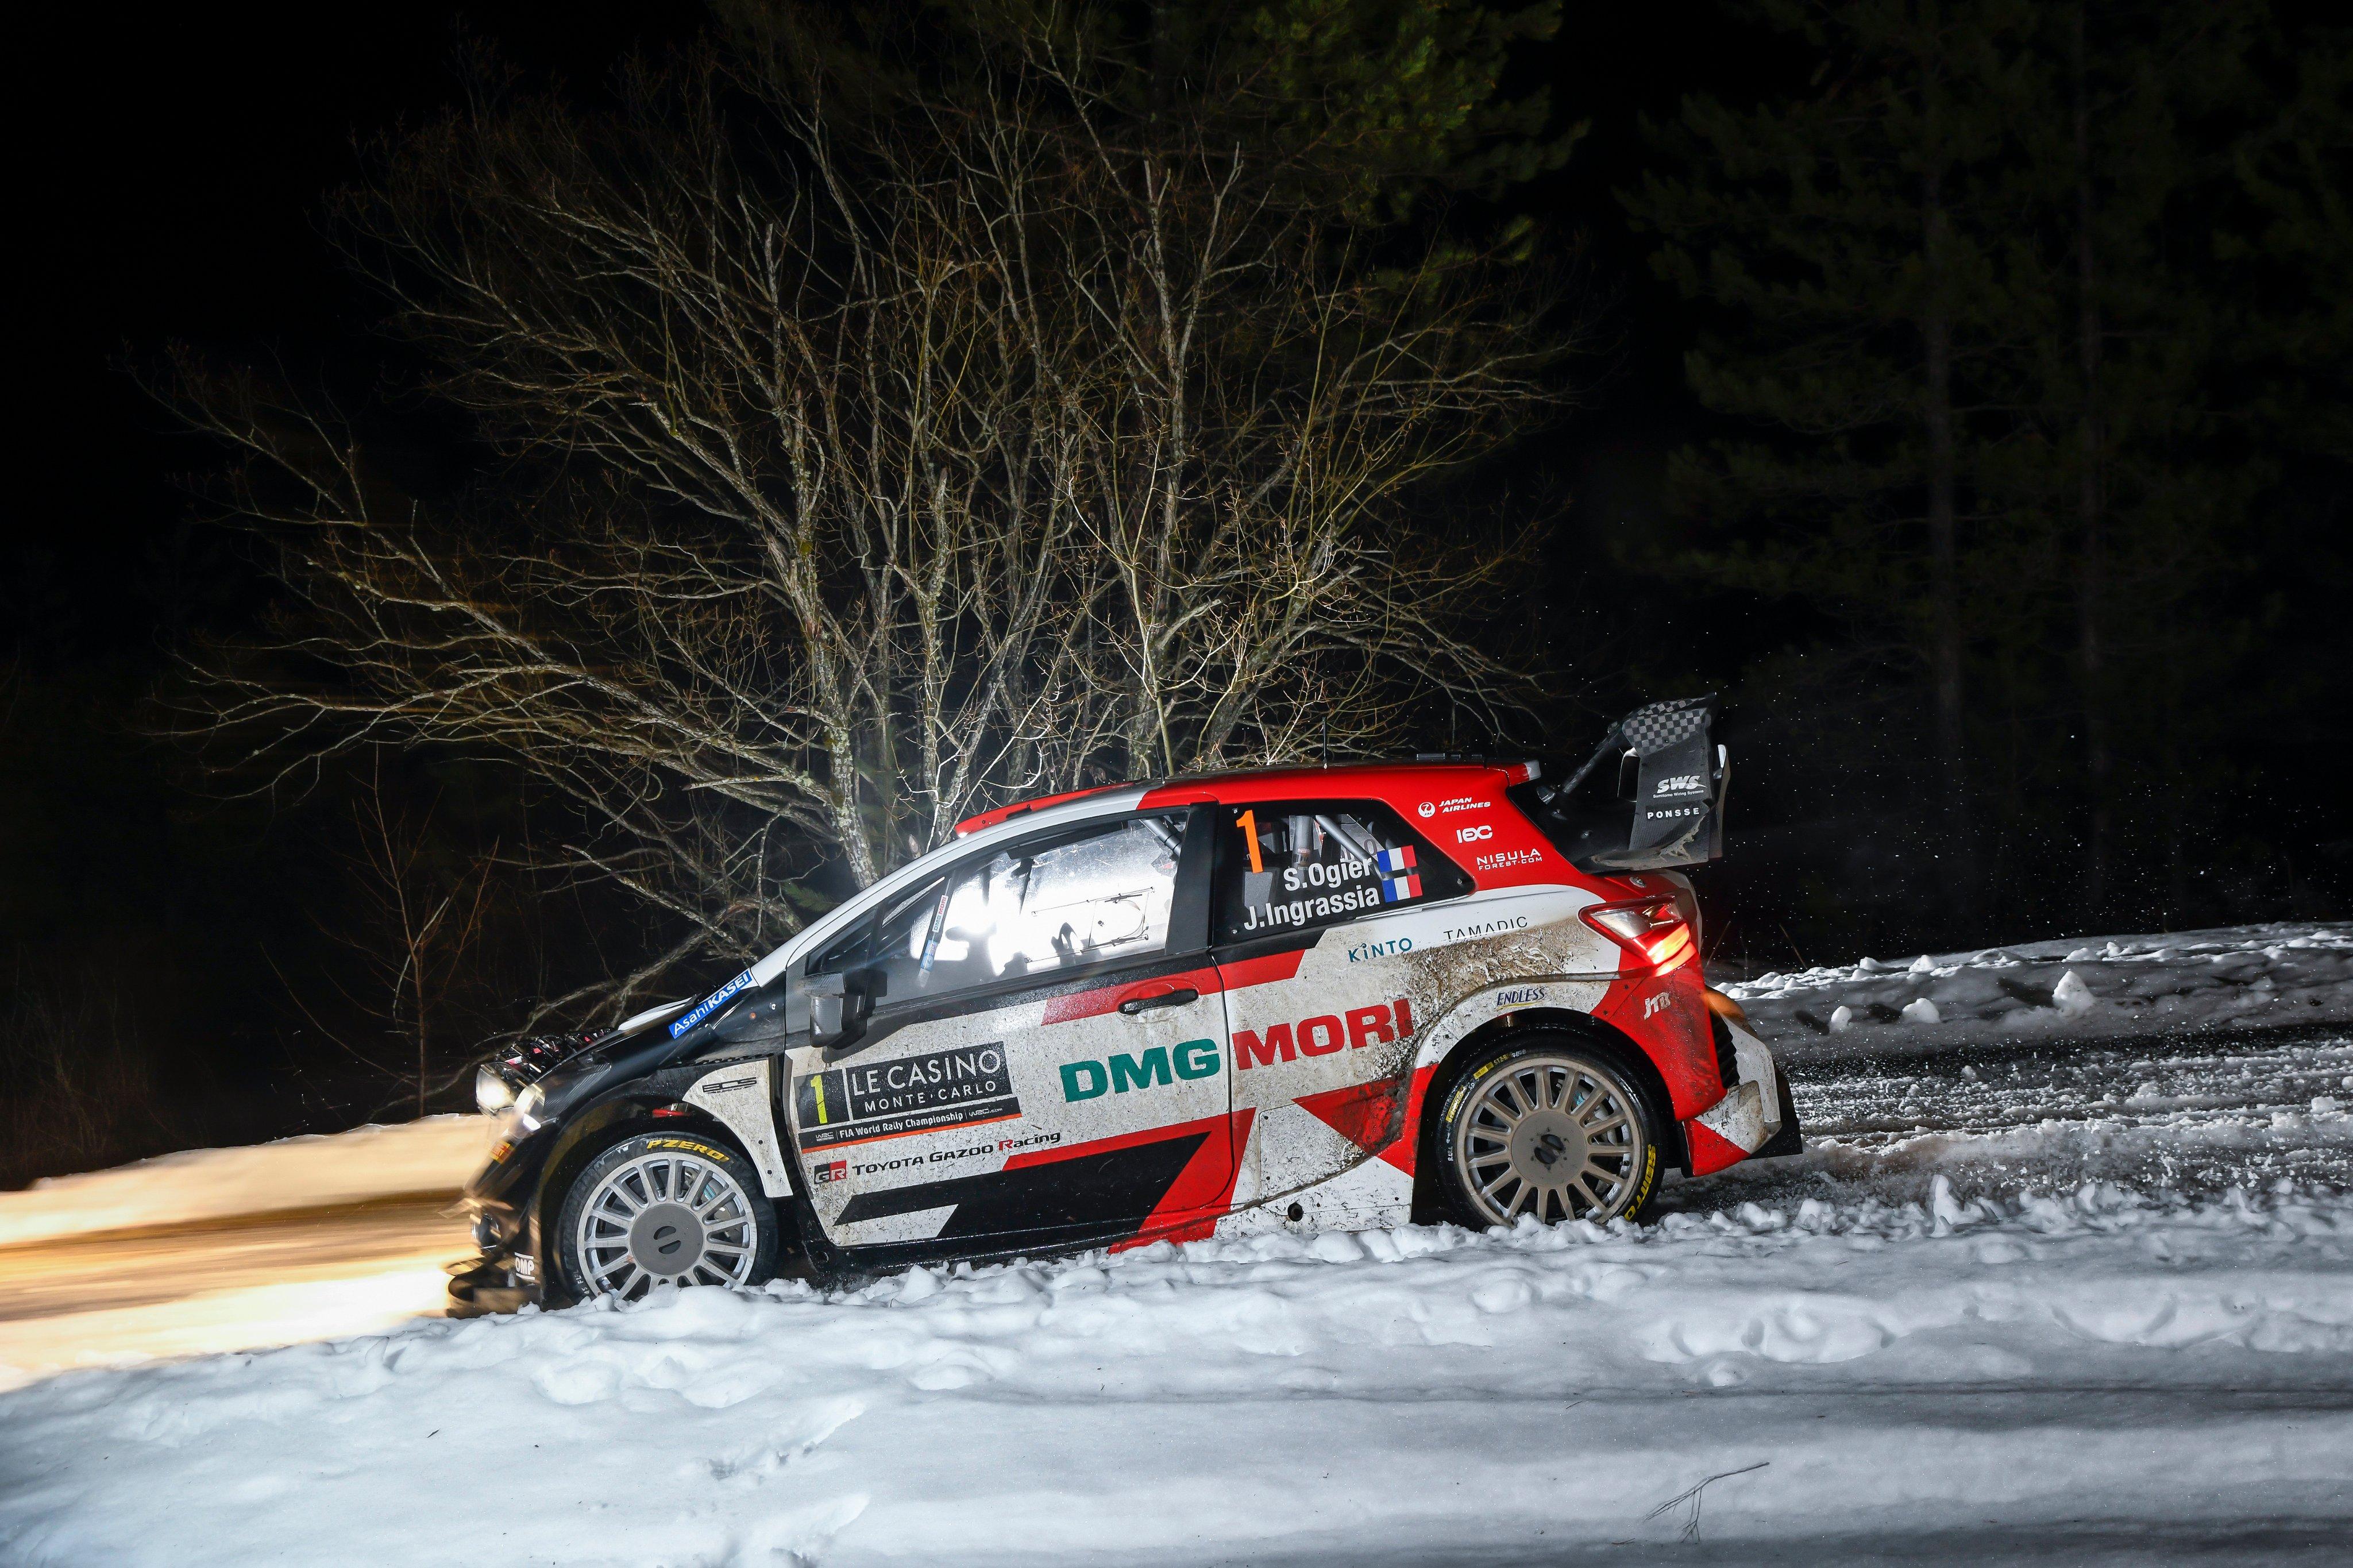 WRC: 89º Rallye Automobile de Monte-Carlo [18-24 Enero] - Página 10 EsZUr_7XMAAKXlm?format=jpg&name=4096x4096